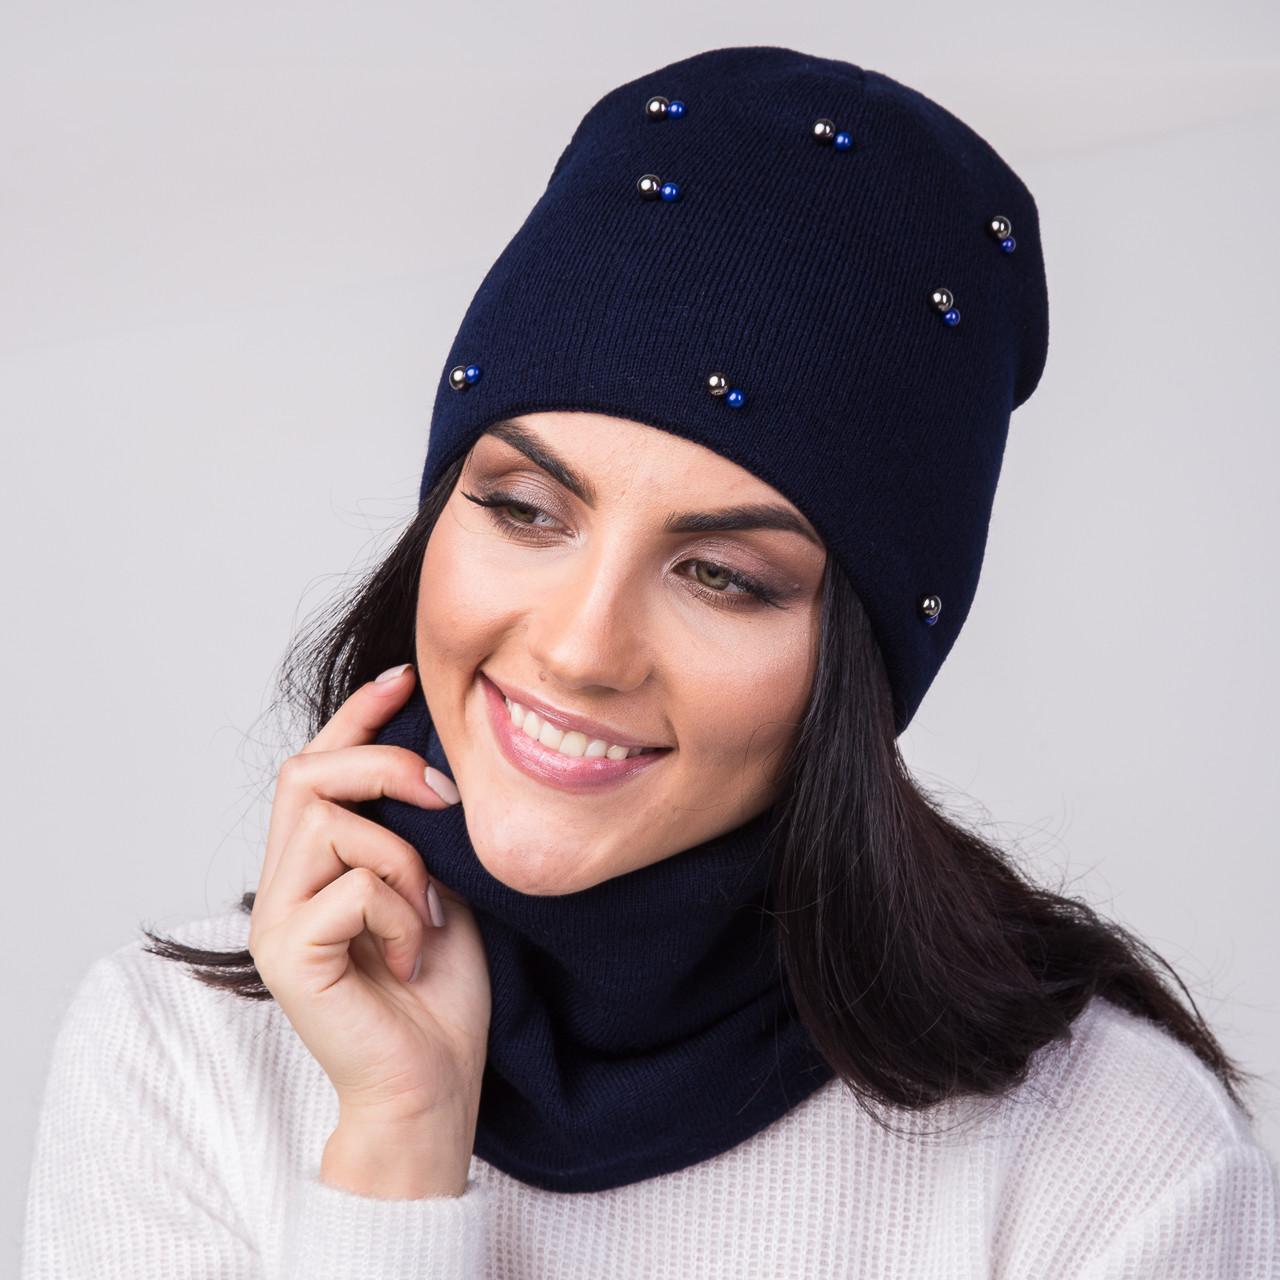 Вязанный женский зимний комплект (шапка с бусами + хомут) на флисе - Артикул 2152